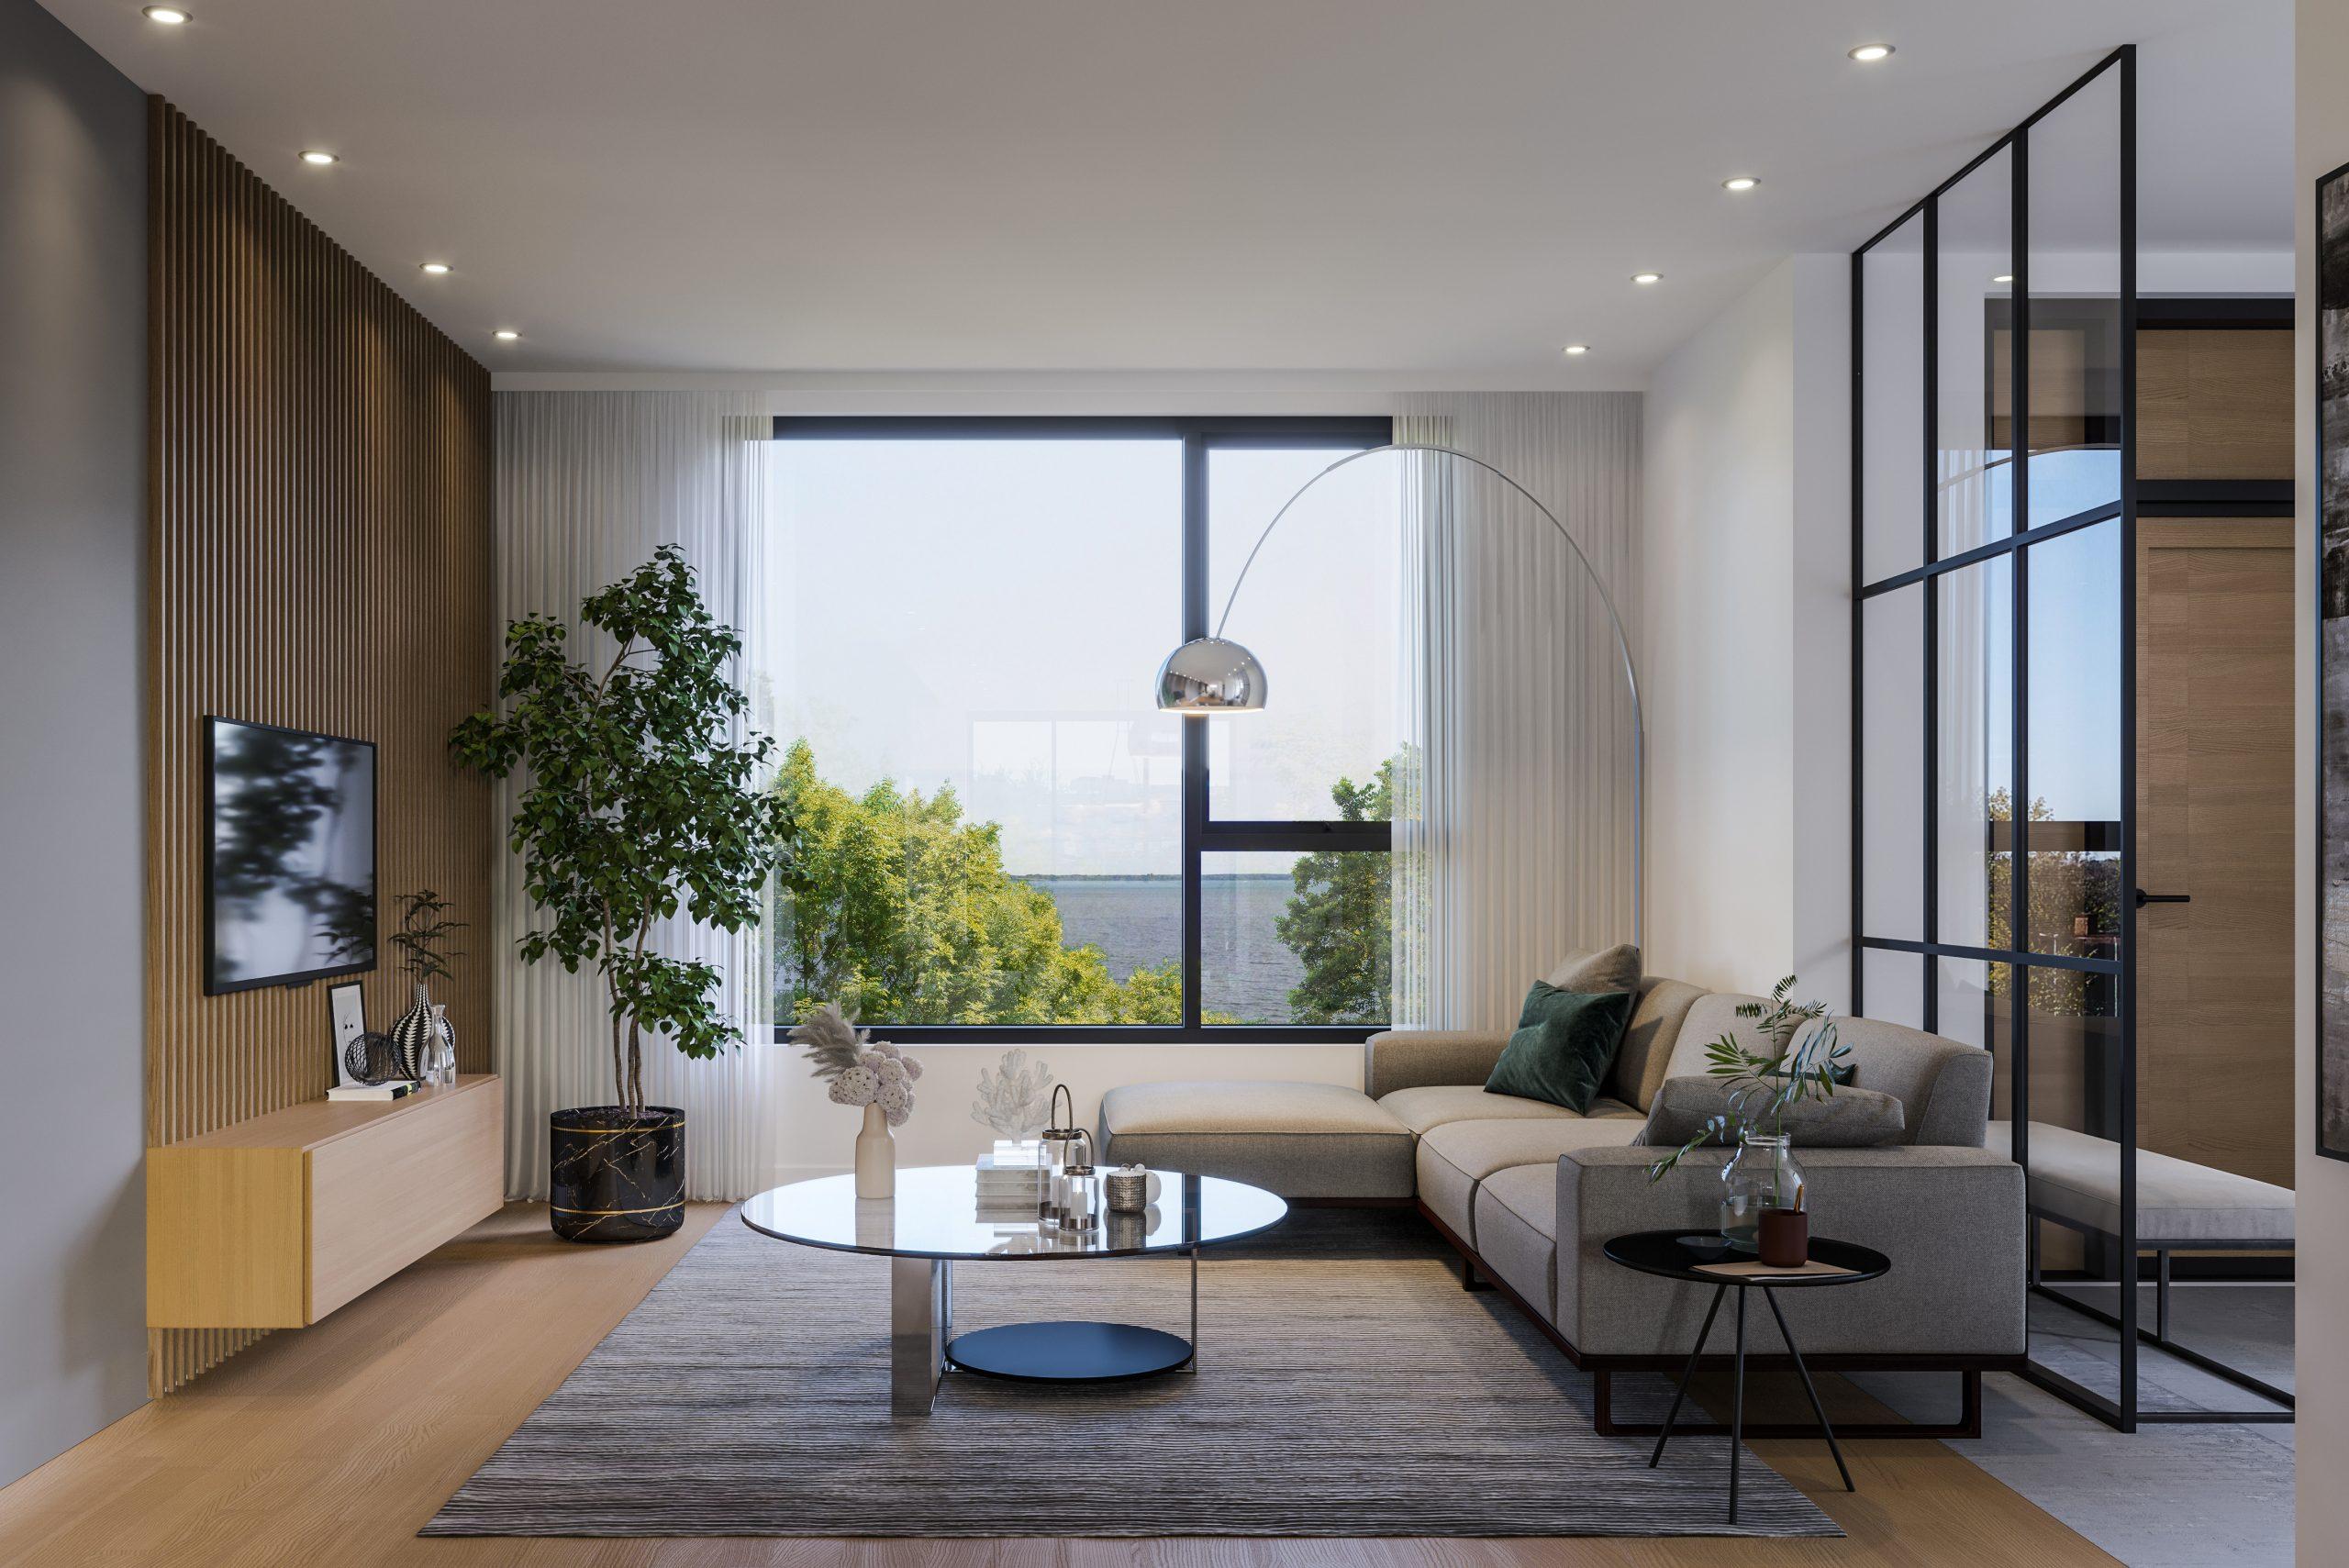 Maison de ville Alepin salon avec vue